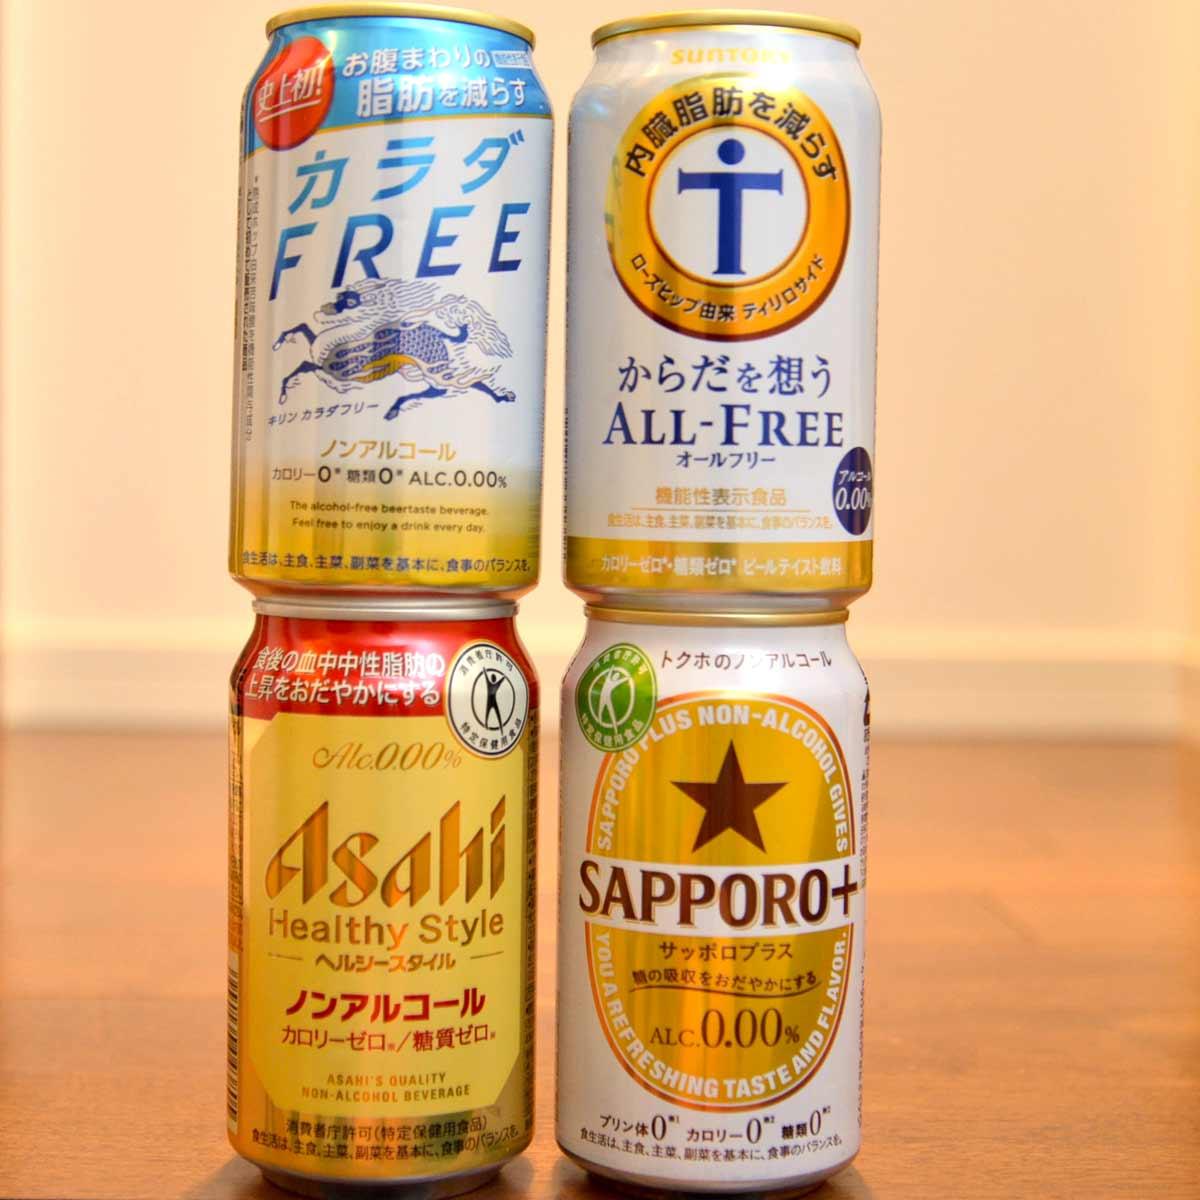 脂肪や糖をぶっ飛ばせ! 「ヘルシー系ノンアルコールビール」人気4缶飲み比べ